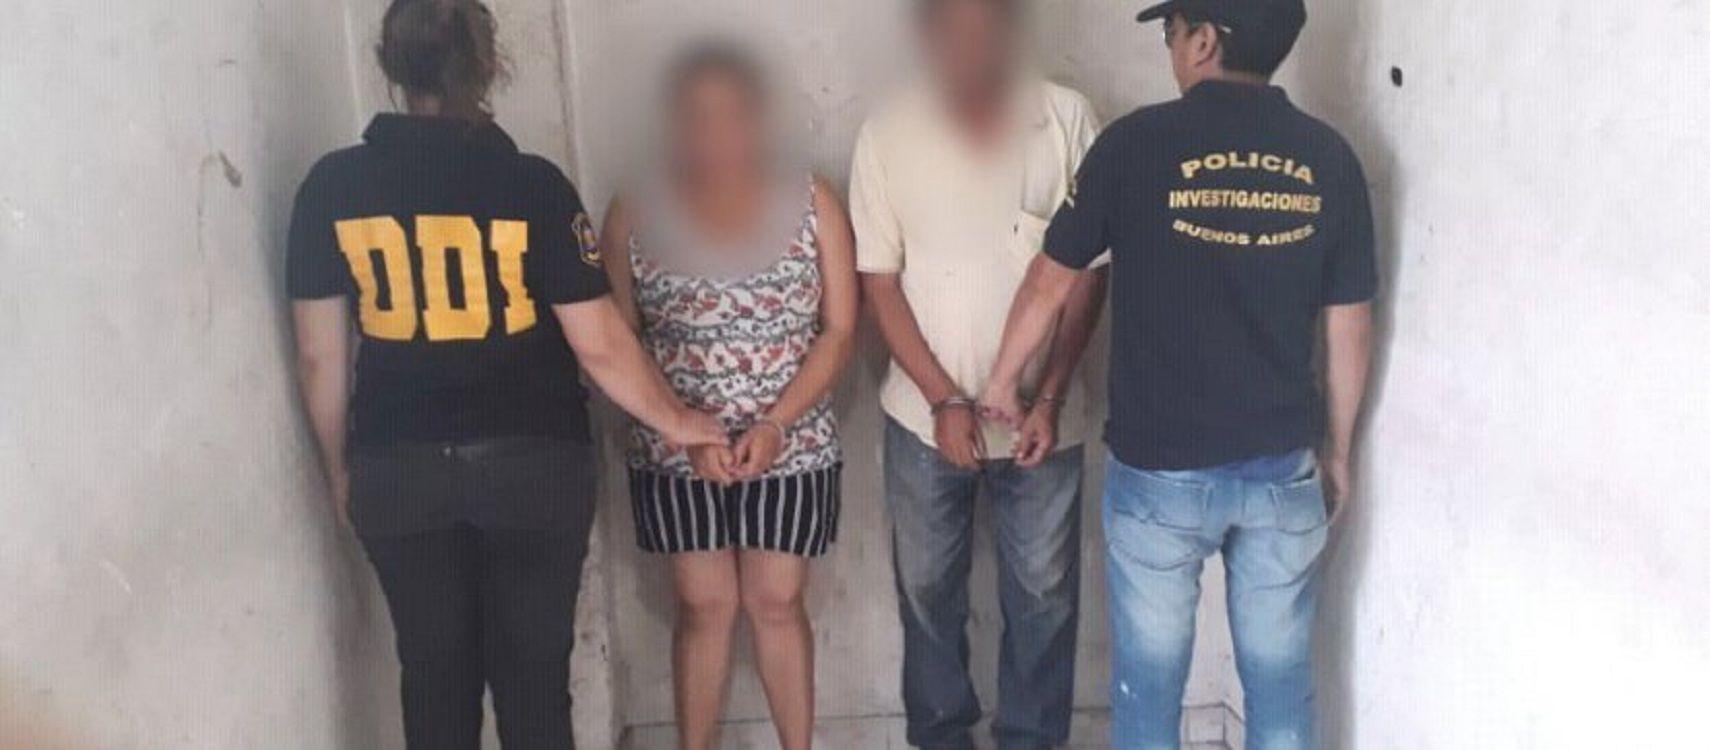 Prostituían a su hija de 15 años con el dueño de la habitación que alquilaban para no pagar el alquiler